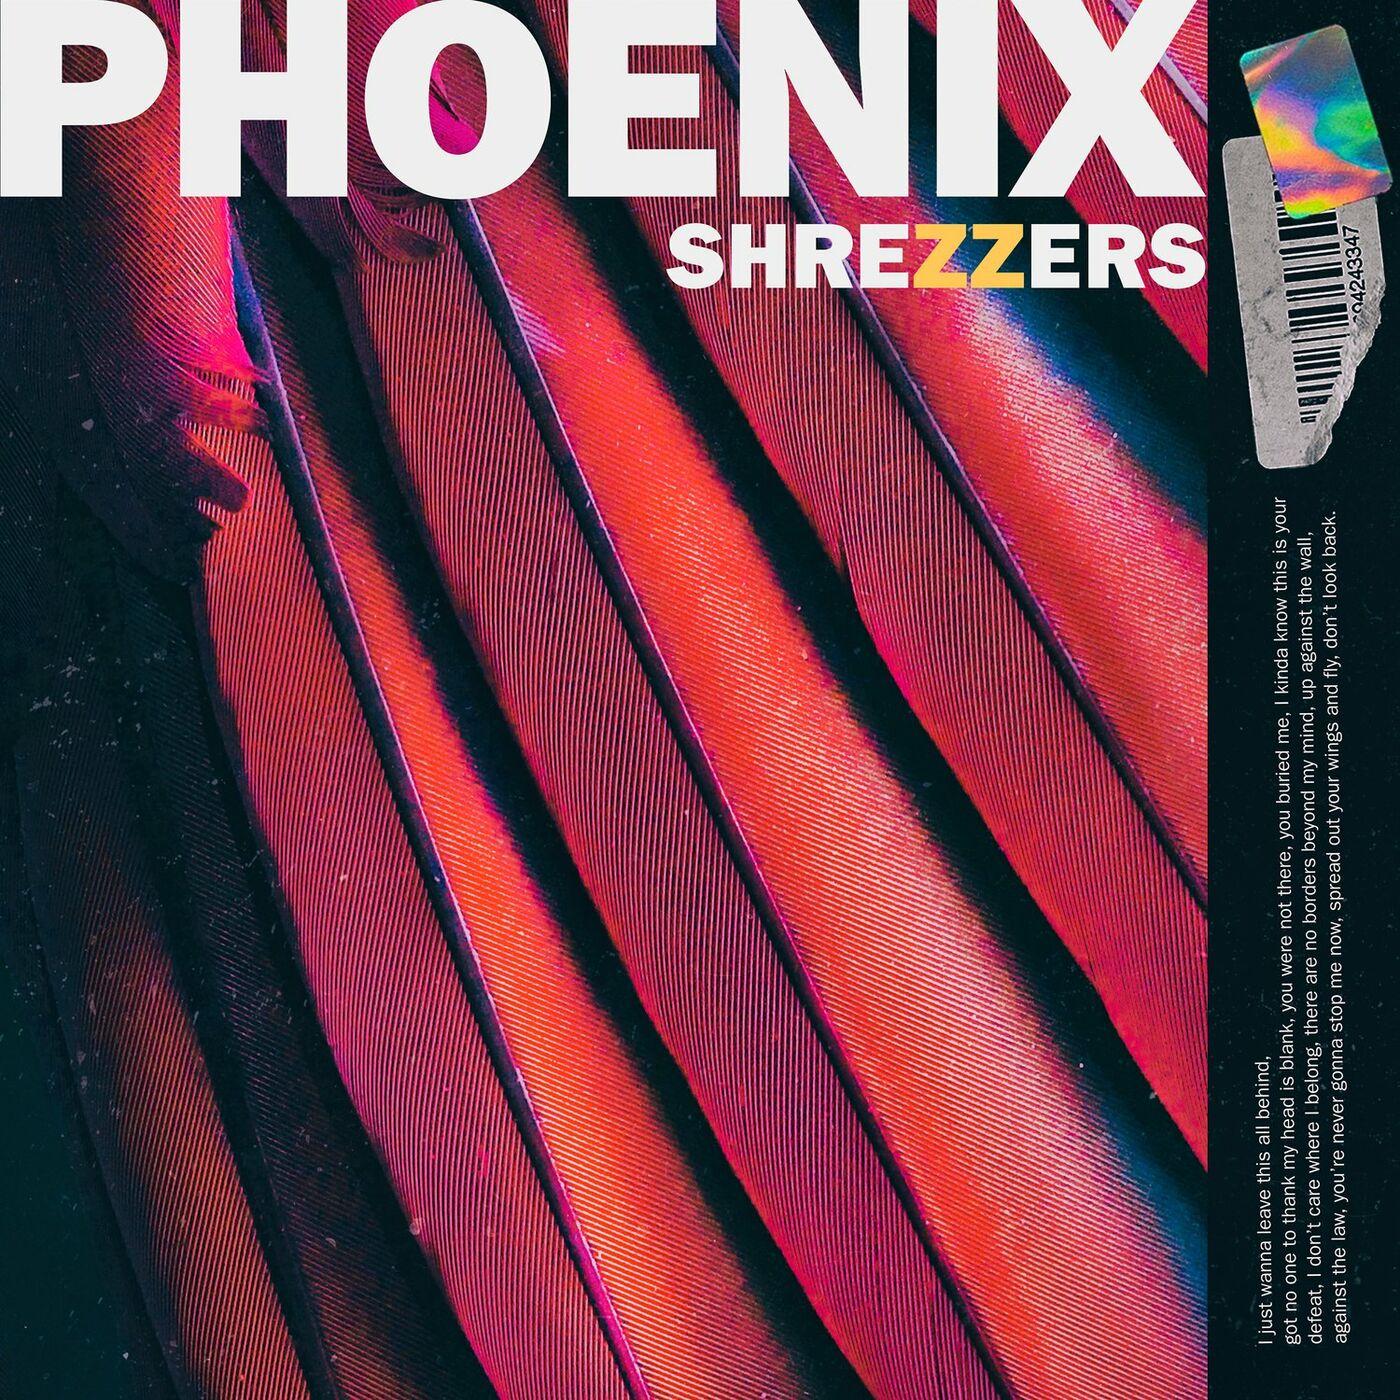 Shrezzers - Phoenix [single] (2020)